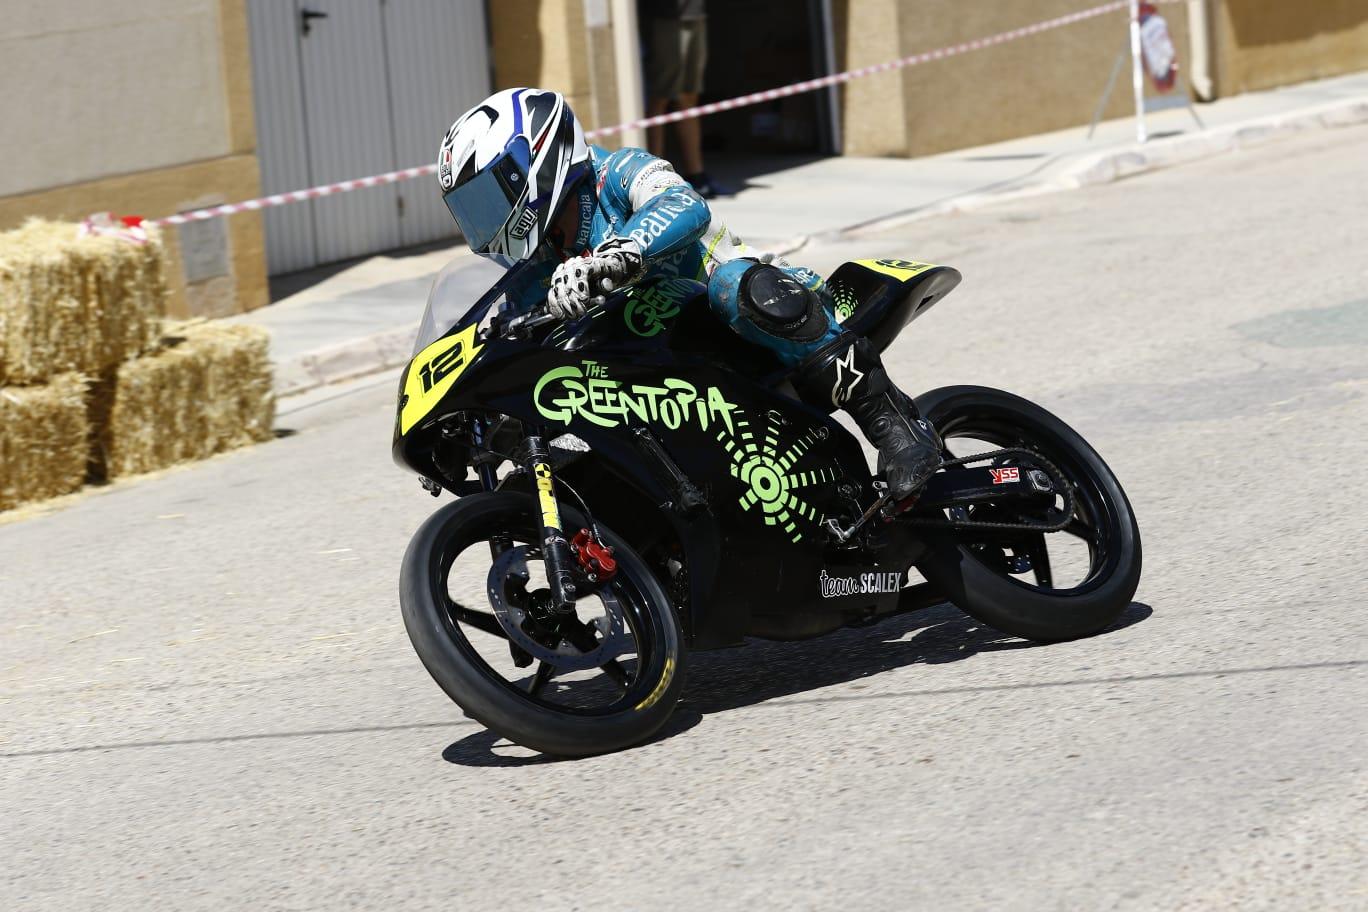 El piloto canalense José Munera participa en el campeonato Manchego de urbanas